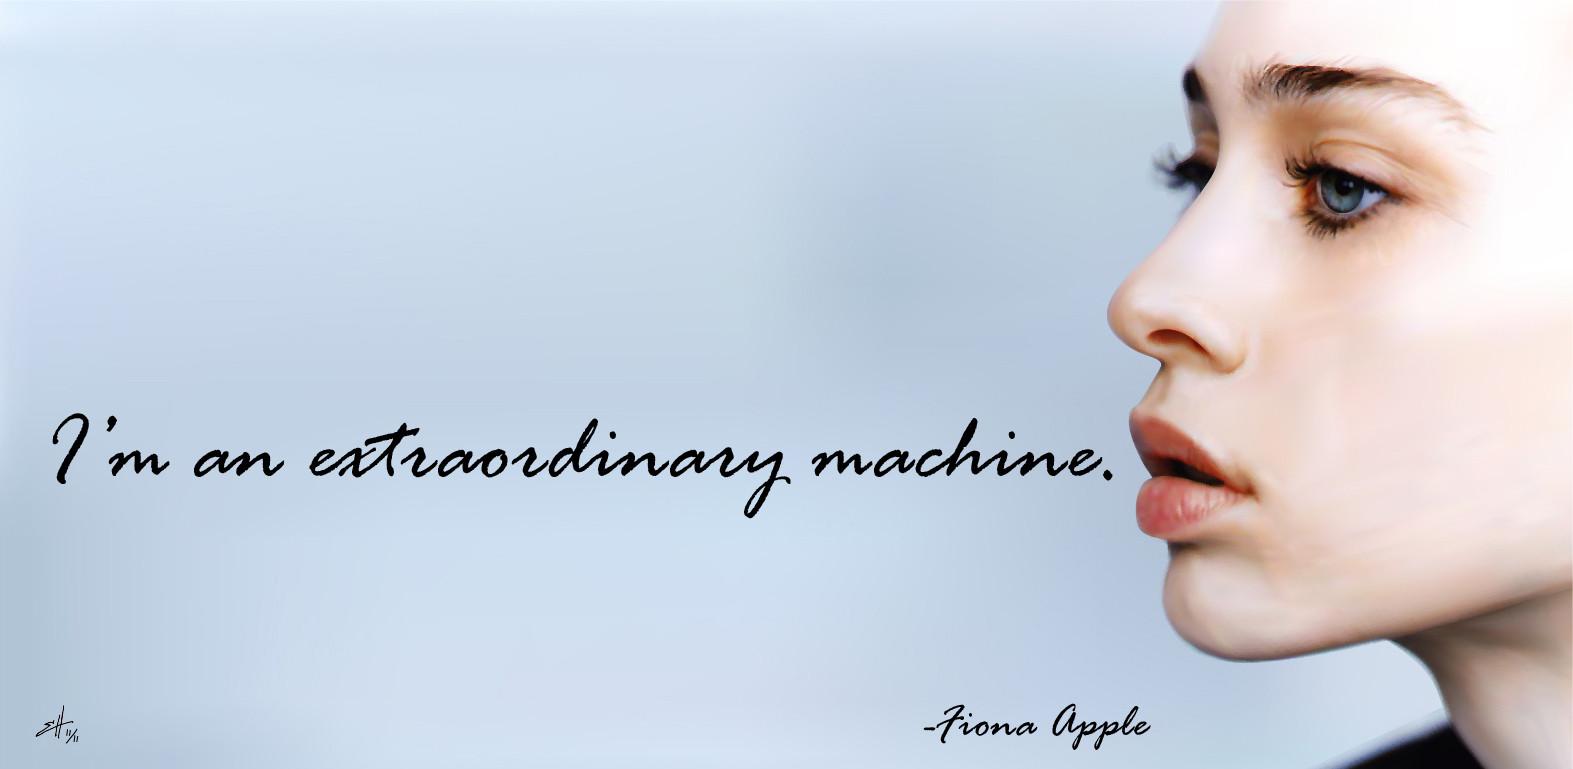 Fiona Apple's quote #6